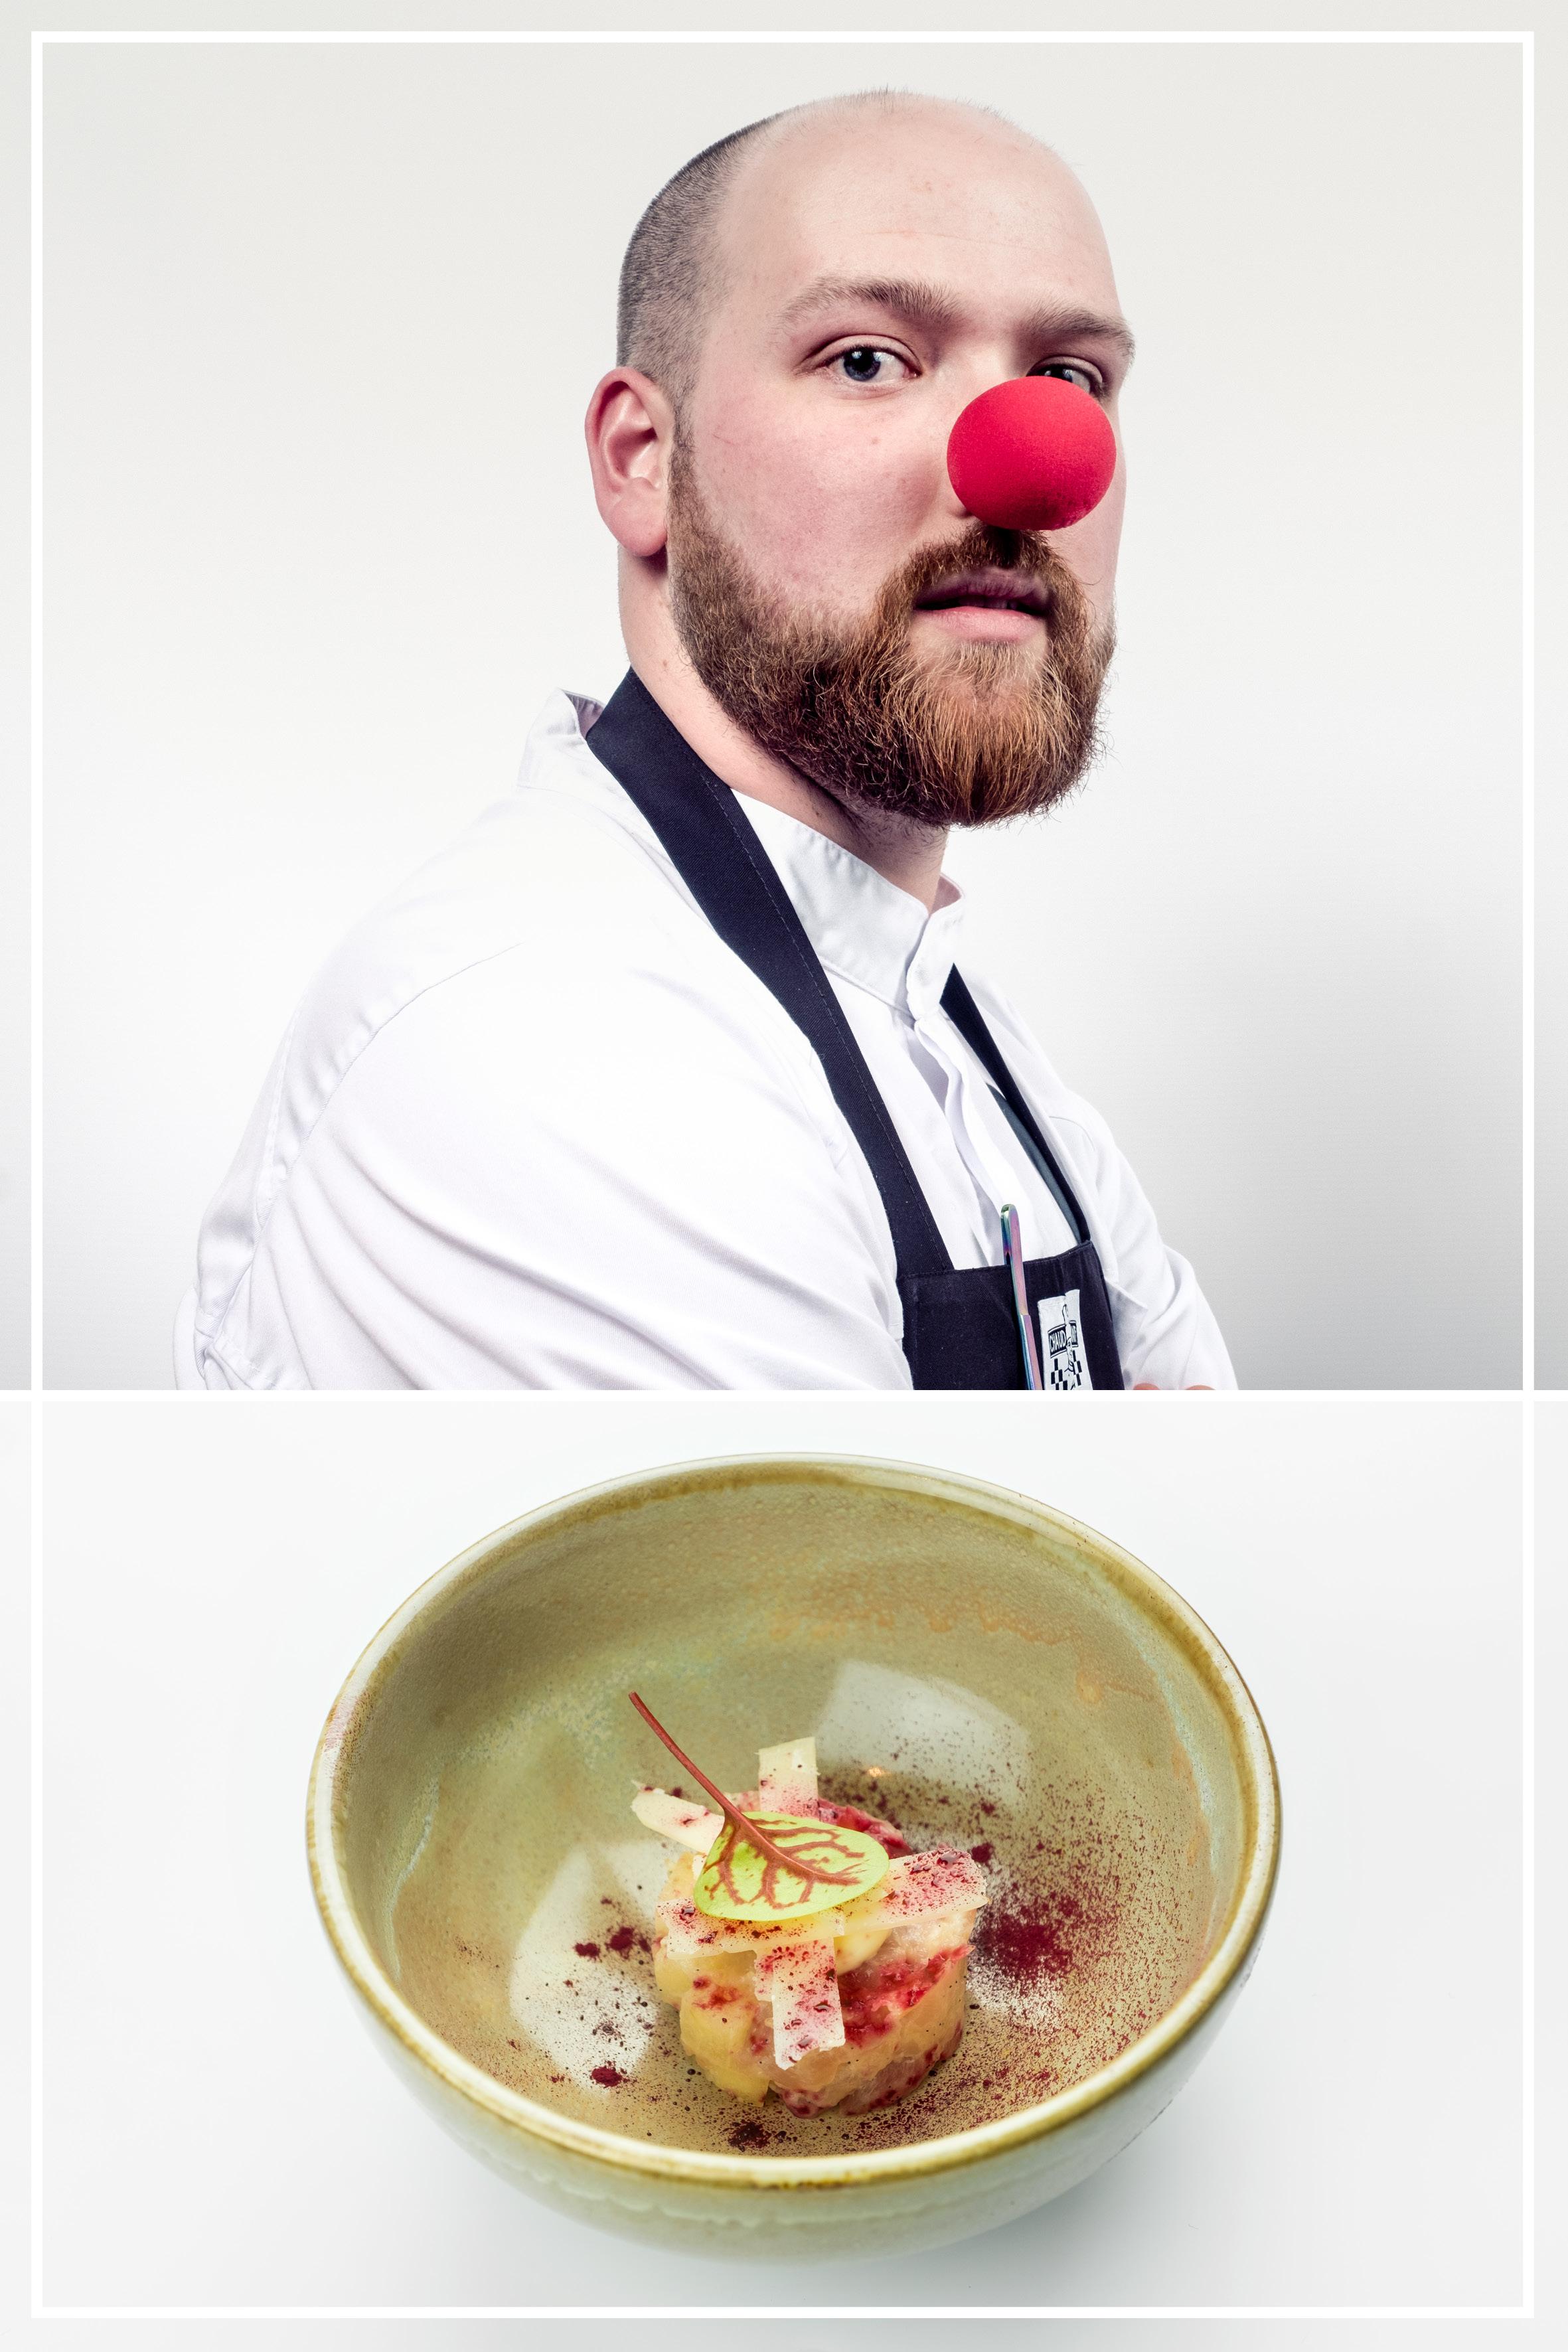 gunter paffendorf koken voor cliniclowns